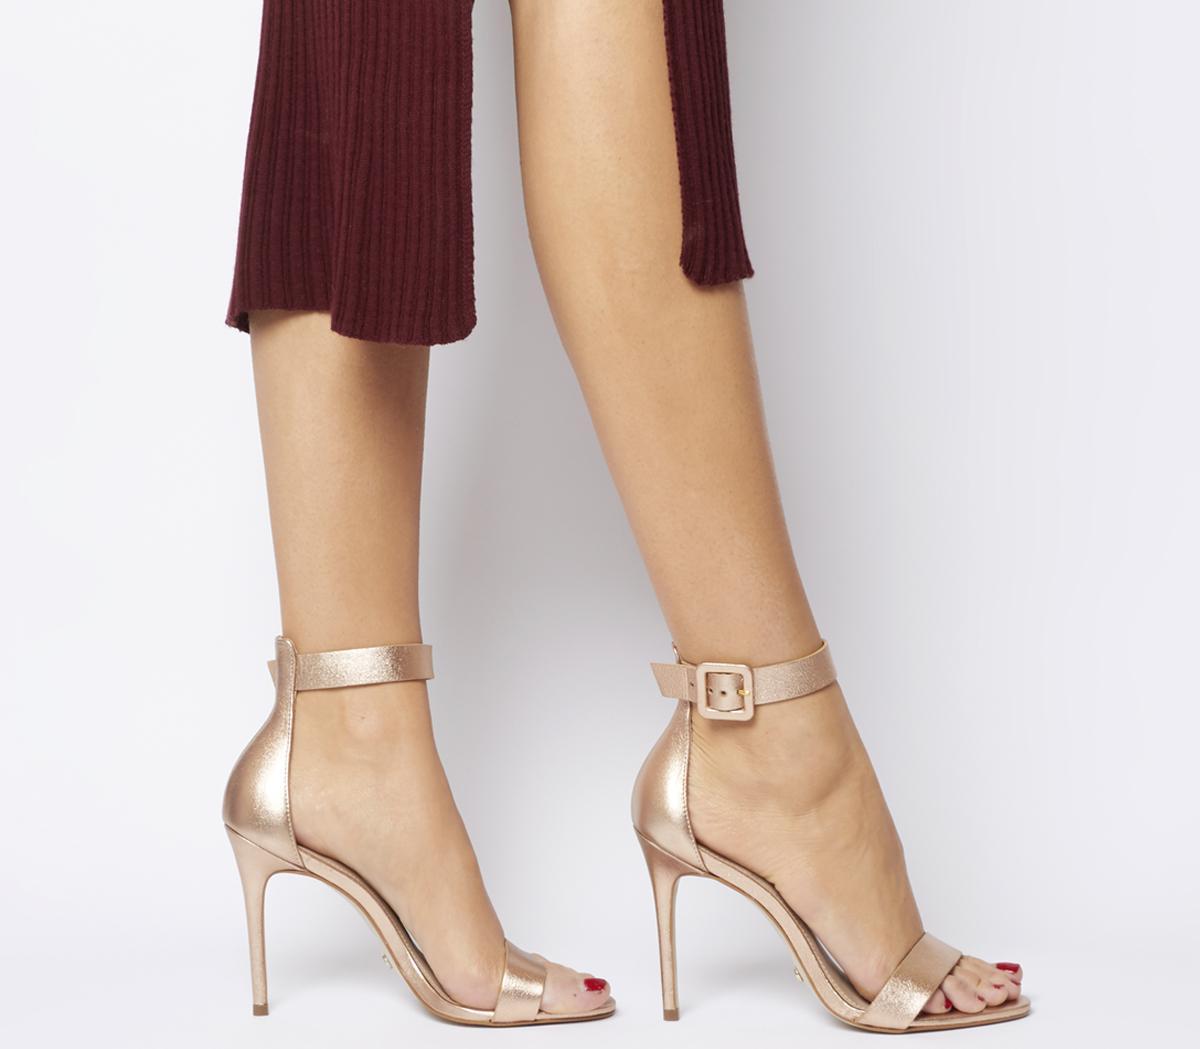 Part Sandal Heels Rose Gold Leather